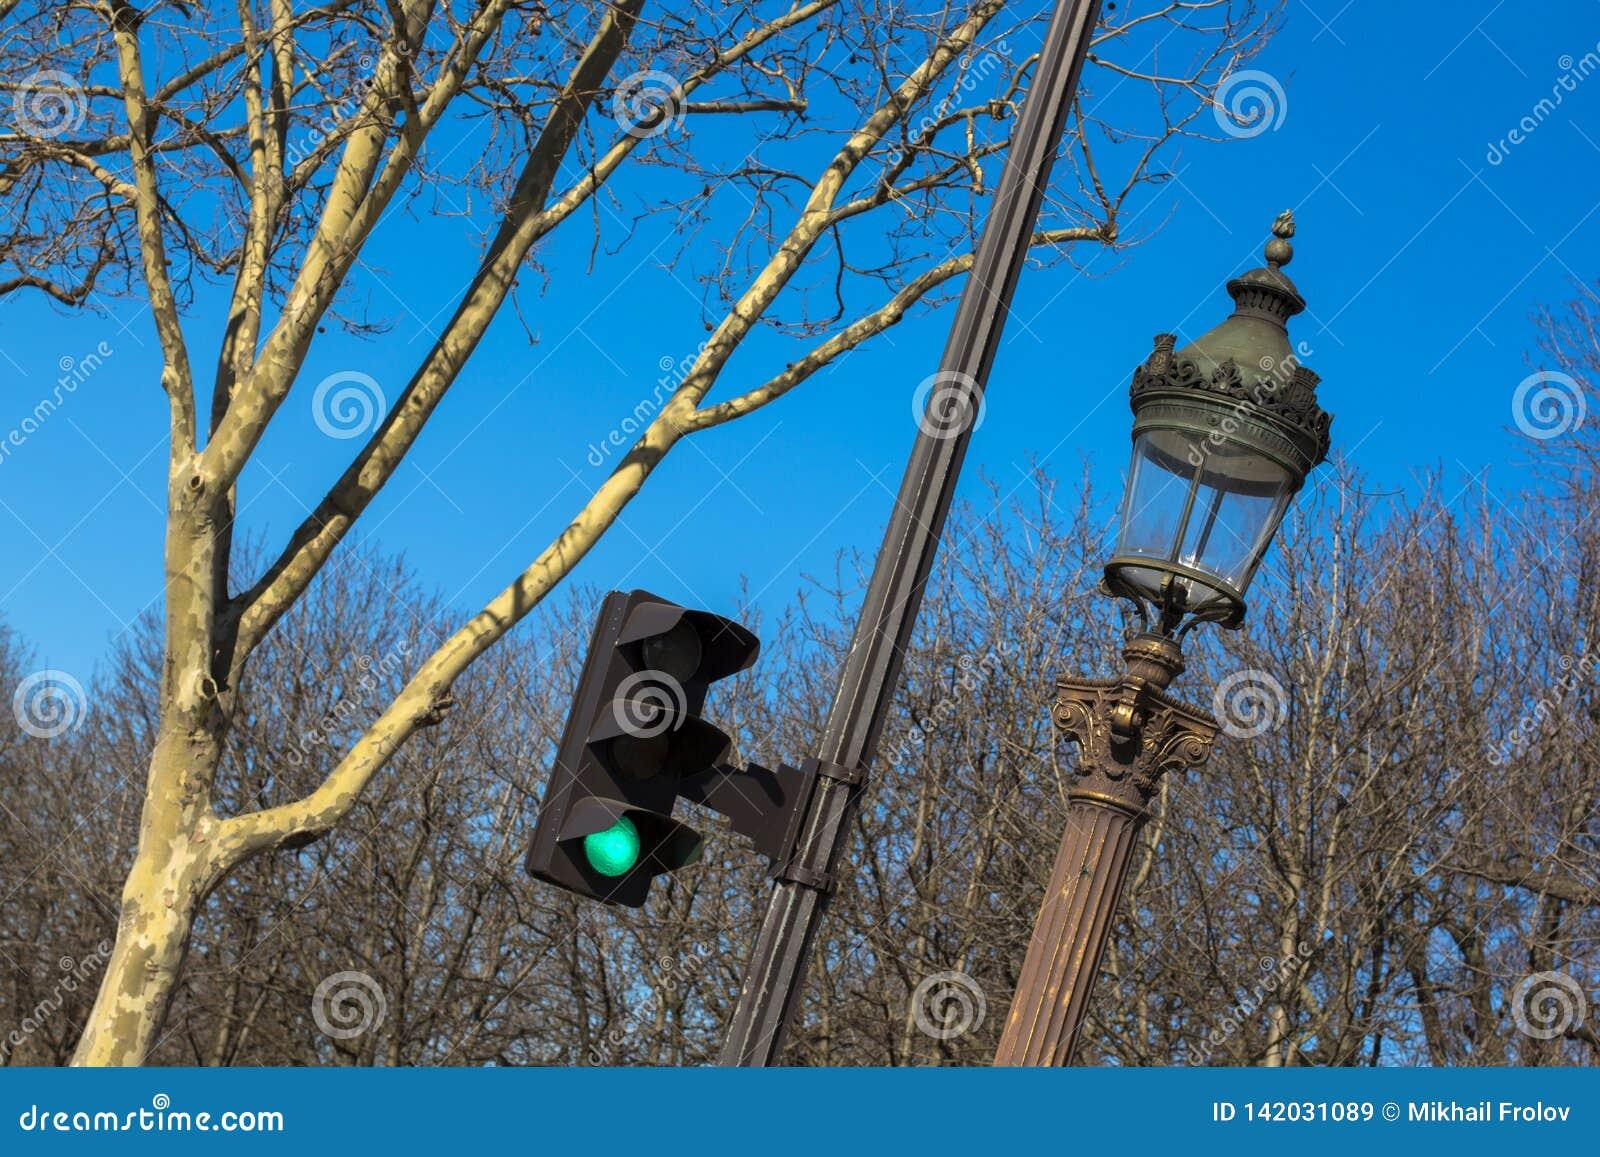 Sinal, lanterna, árvore contra o céu azul na mola em Paris